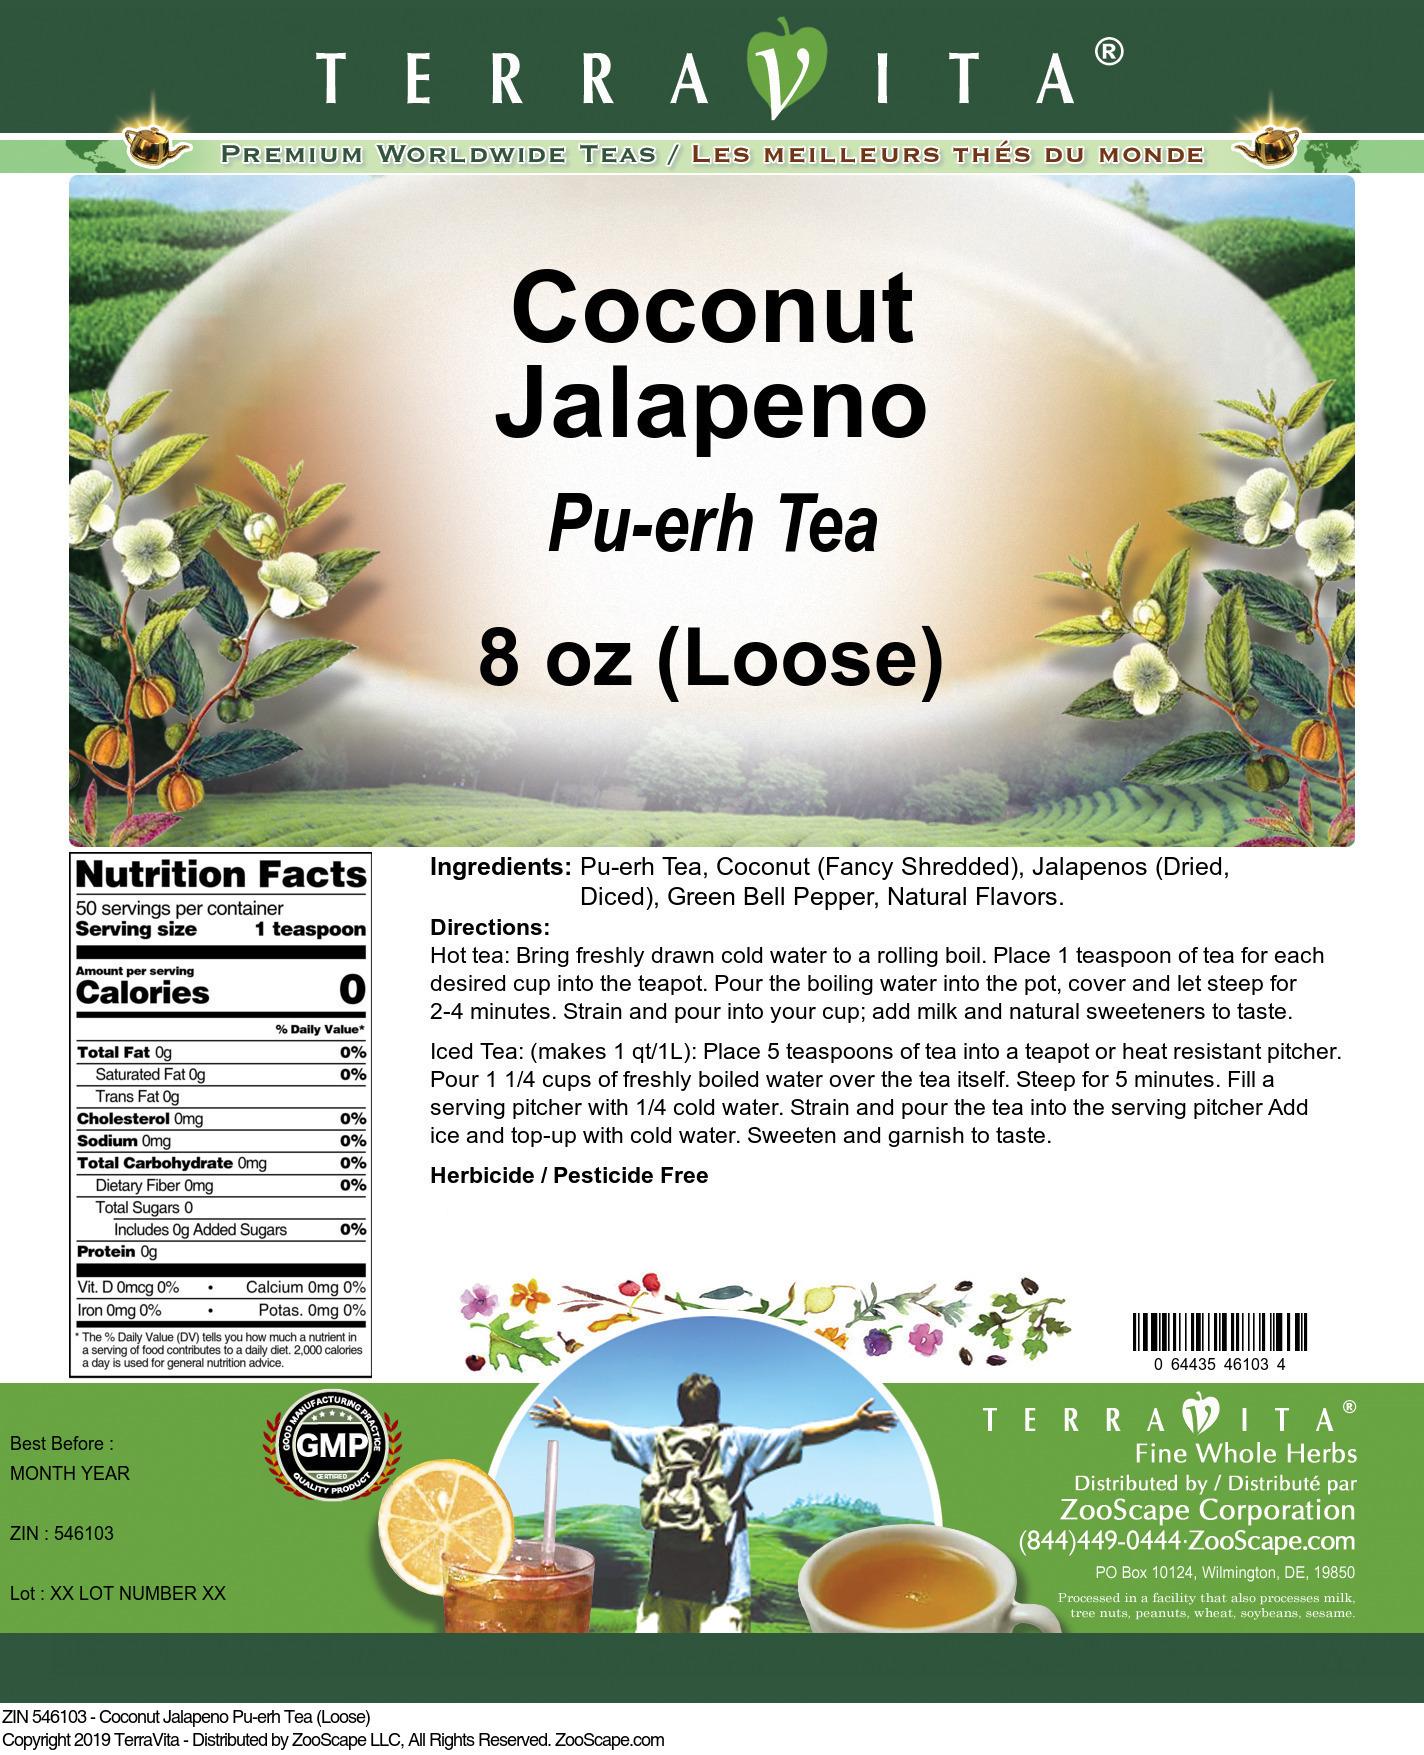 Coconut Jalapeno Pu-erh Tea (Loose)